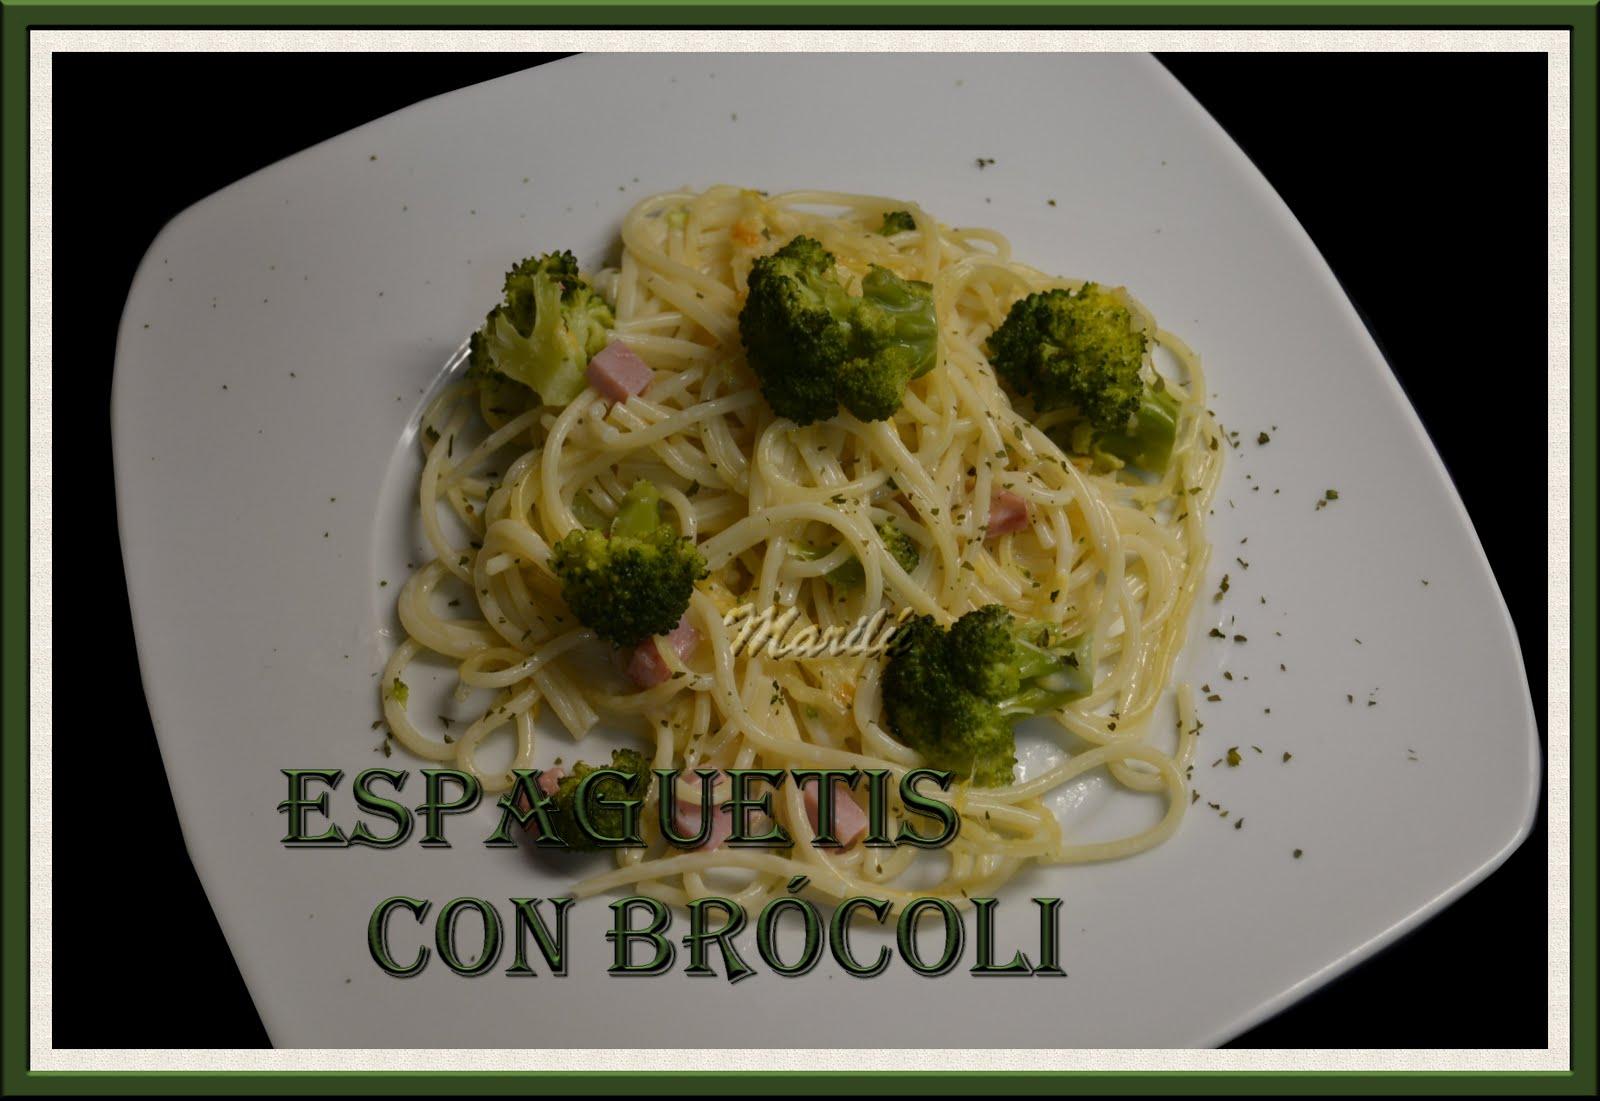 Maril entre pucheros espaguetis con br coli for Espaguetis para dos